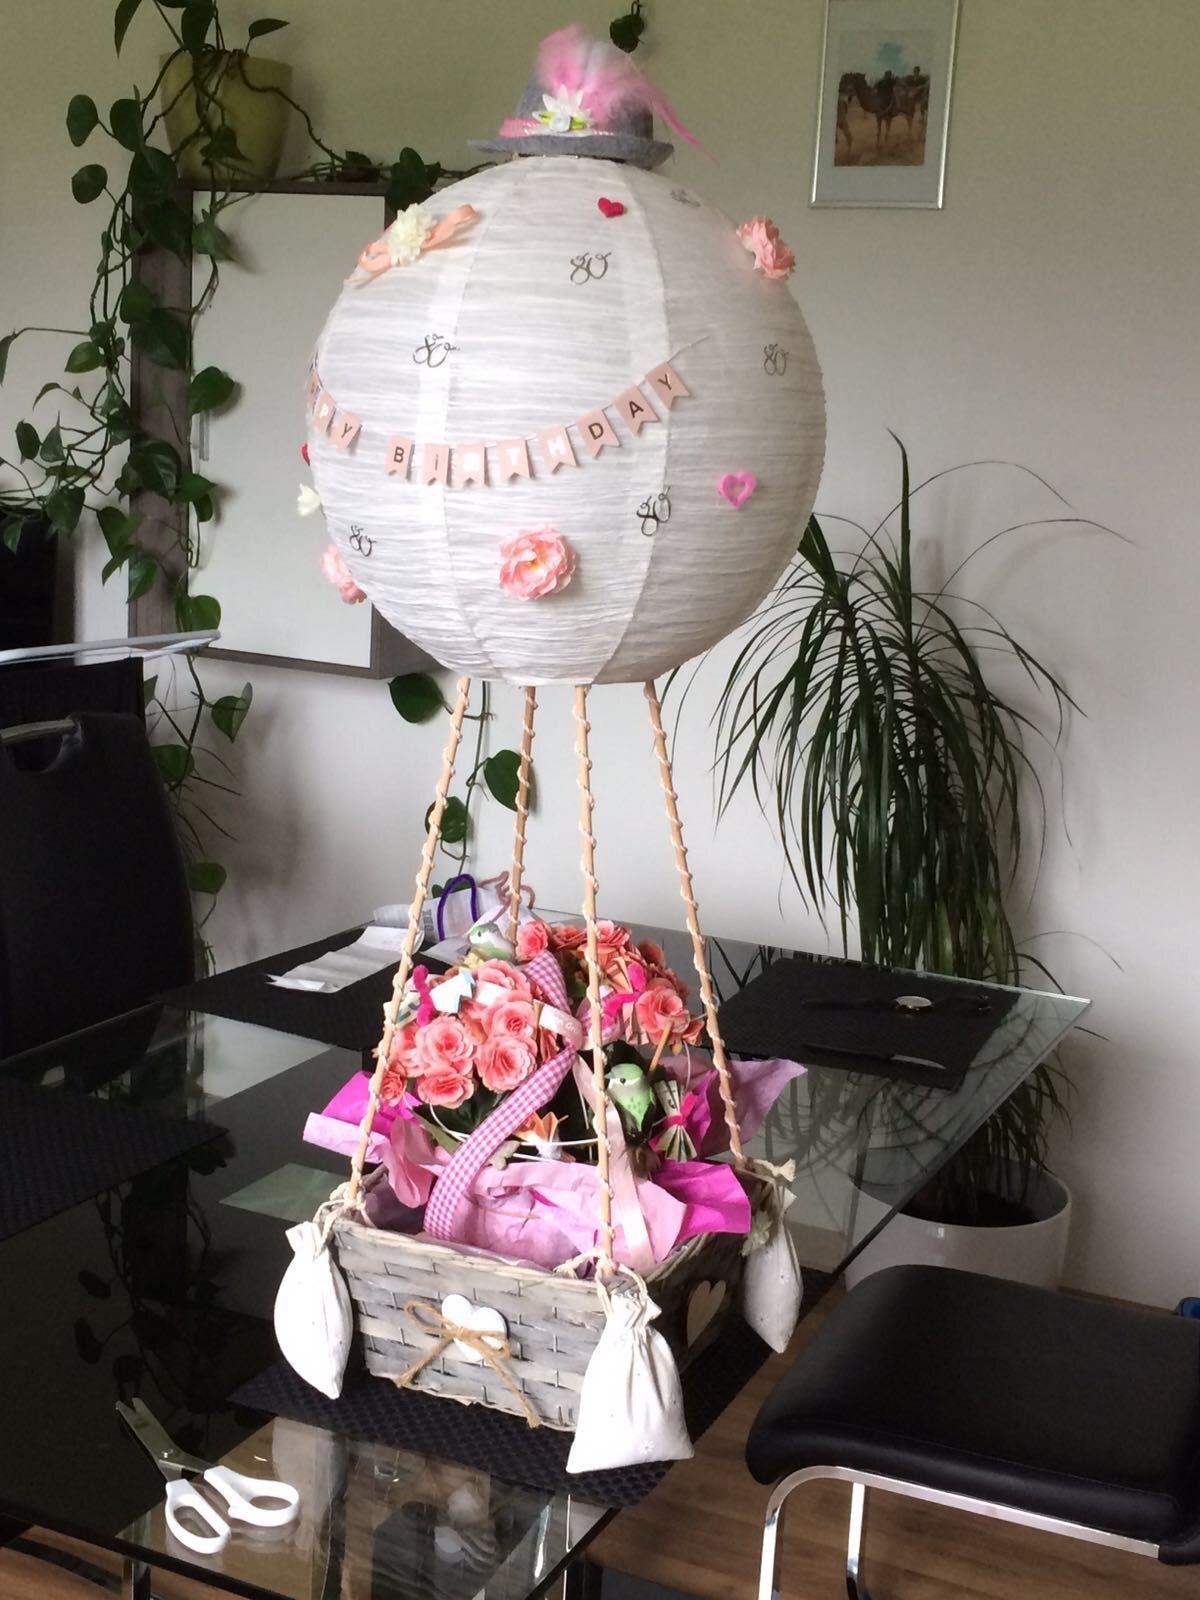 Ballon Mit Korb Zum 80 Geburtstag Birthdaybasket 80